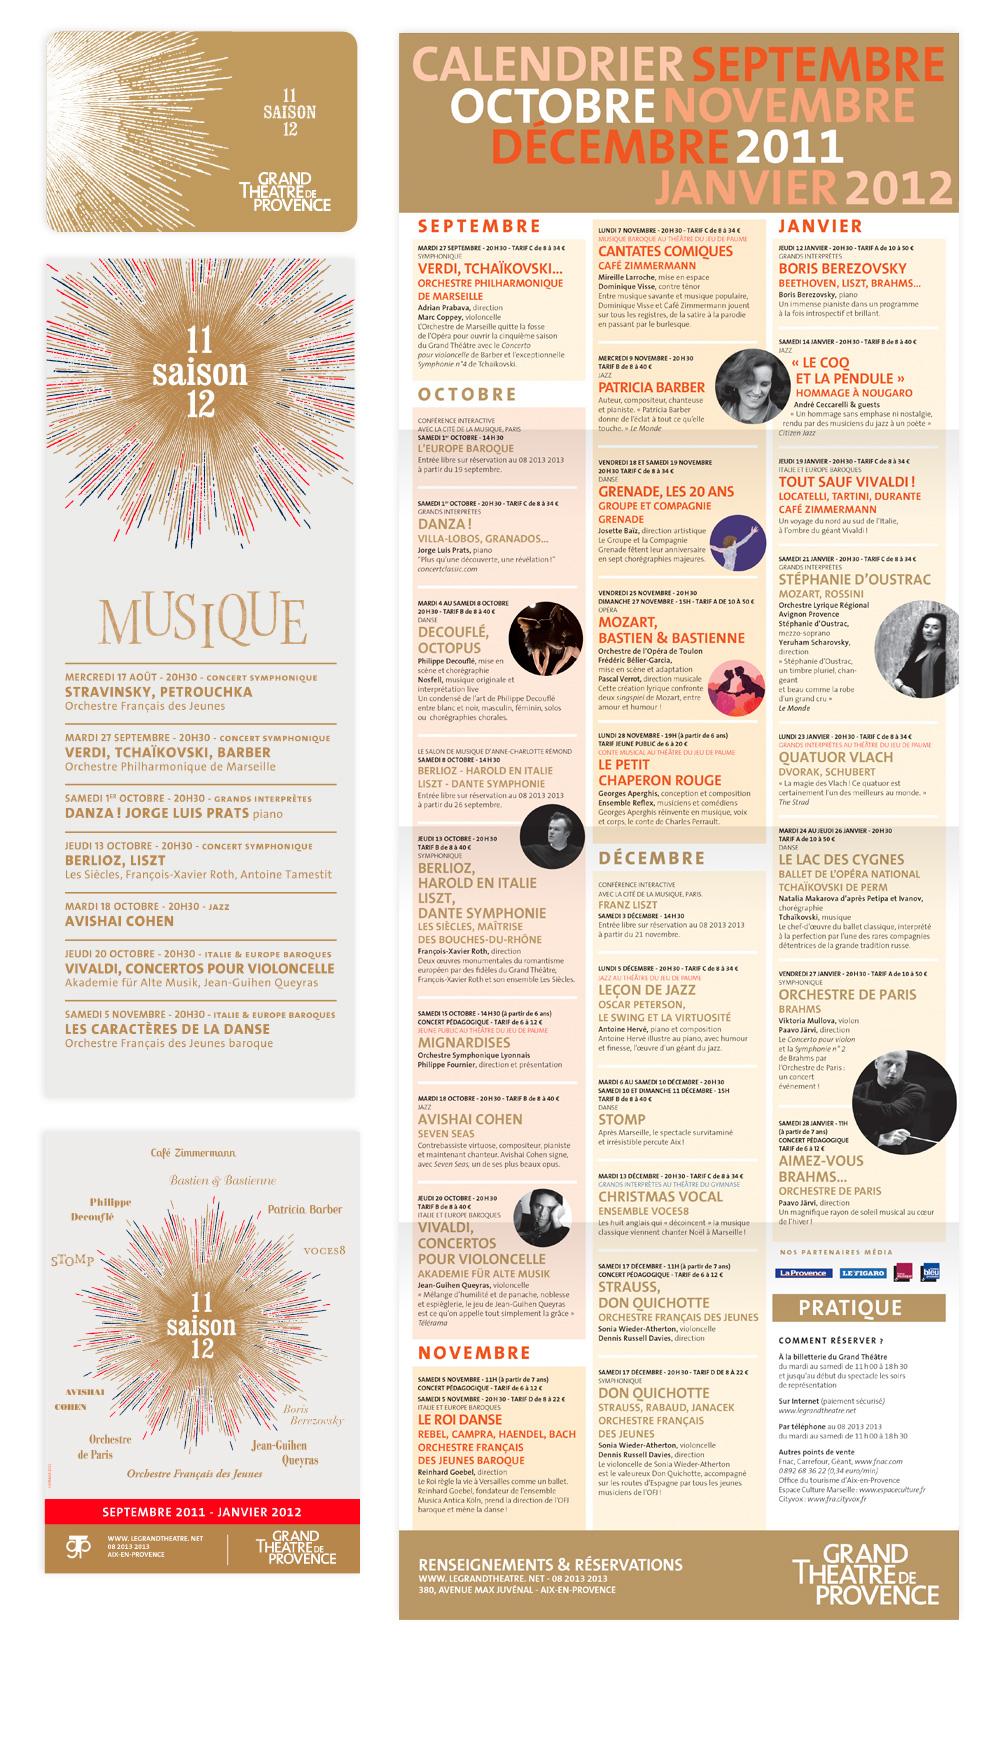 identité de saison 2011-2012 Grand theatre de provence